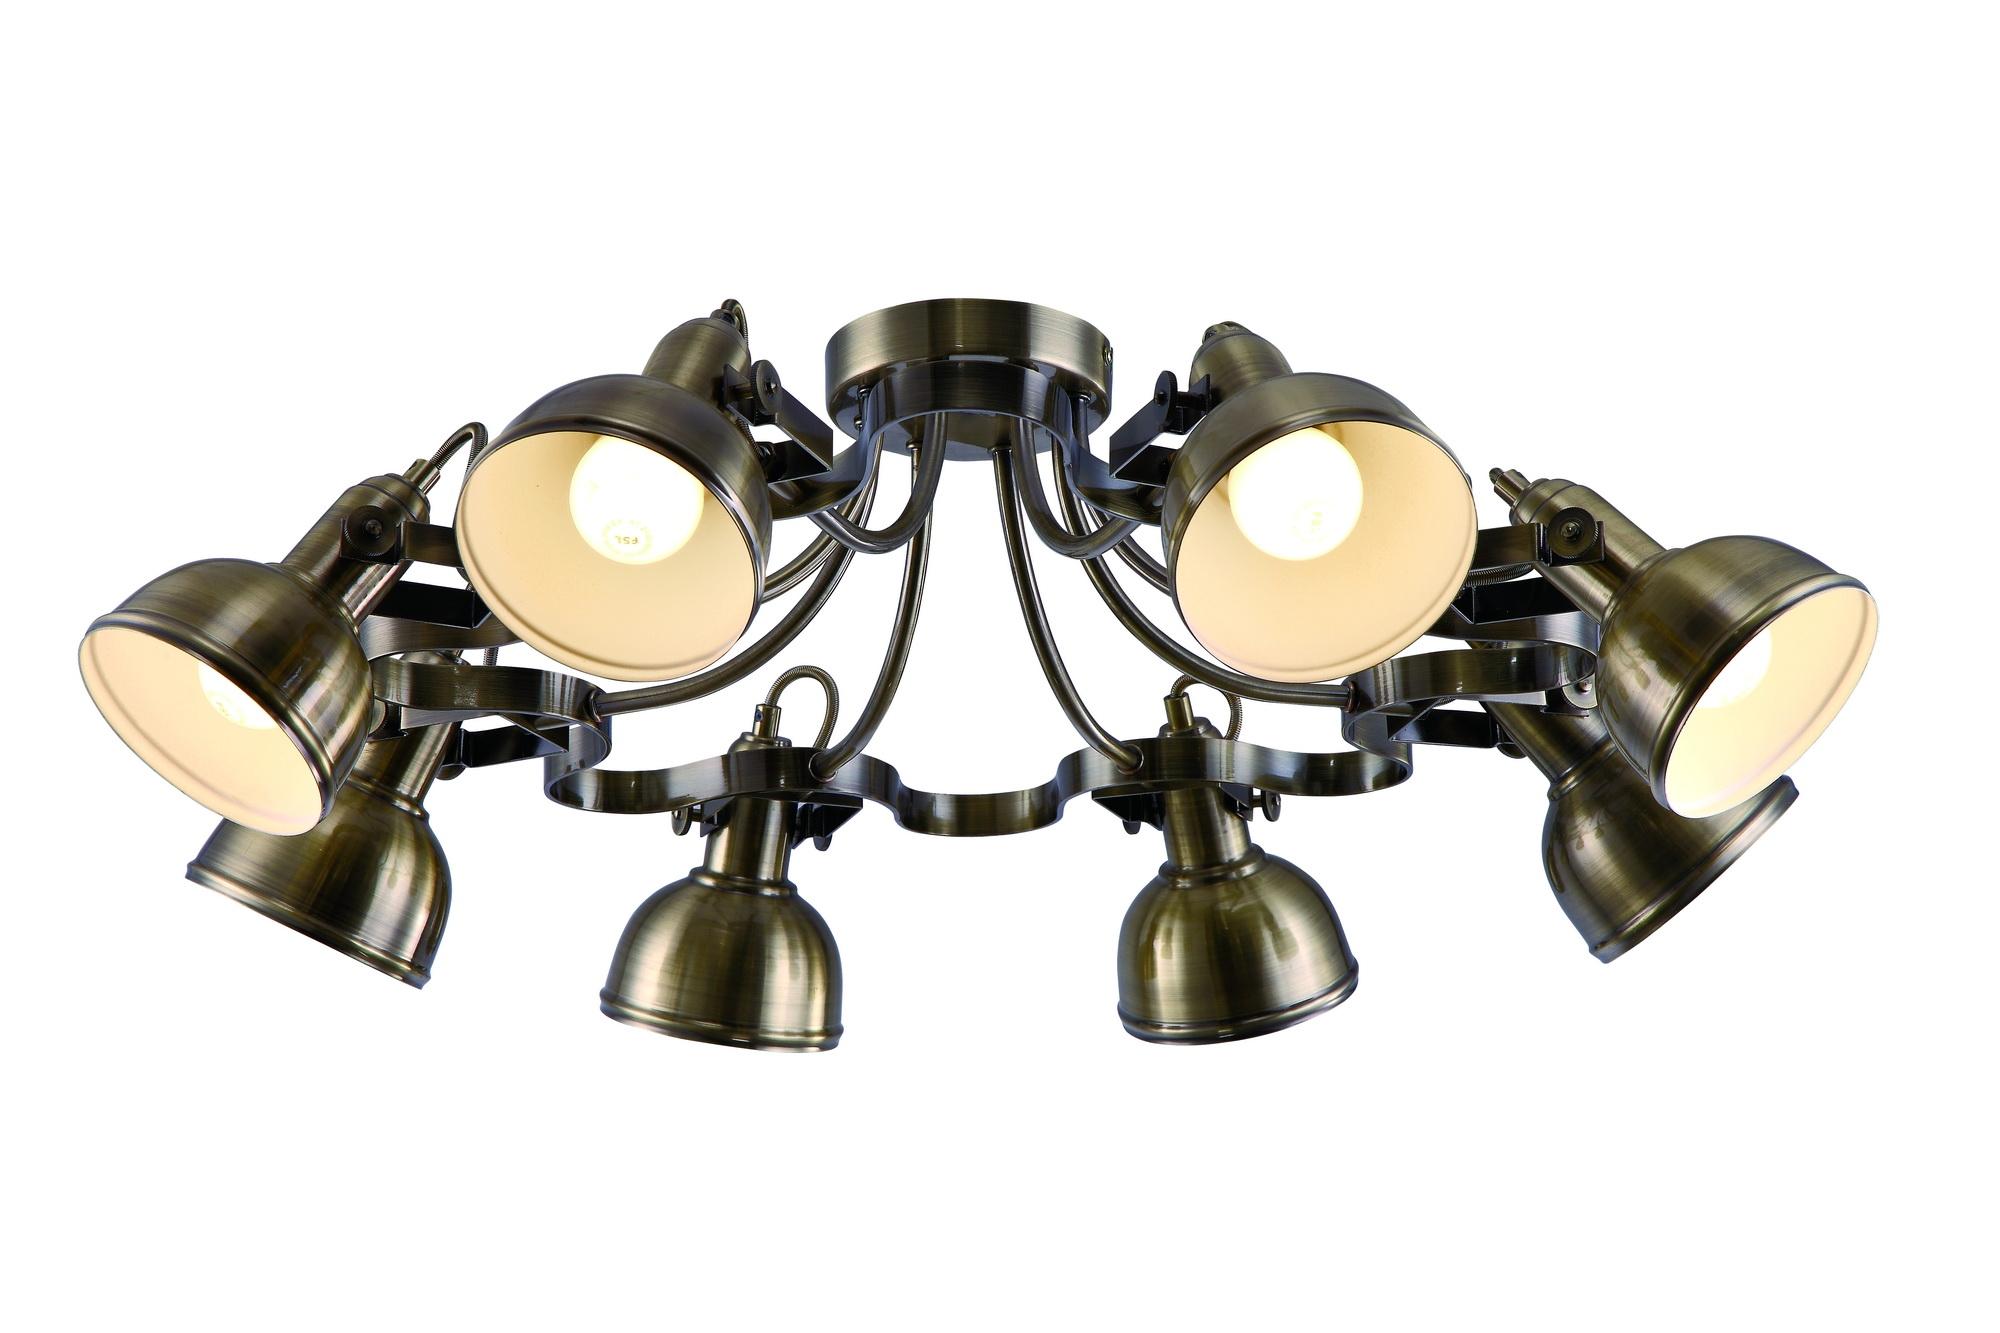 Люстра Arte lamp Martin a5216pl-8ab